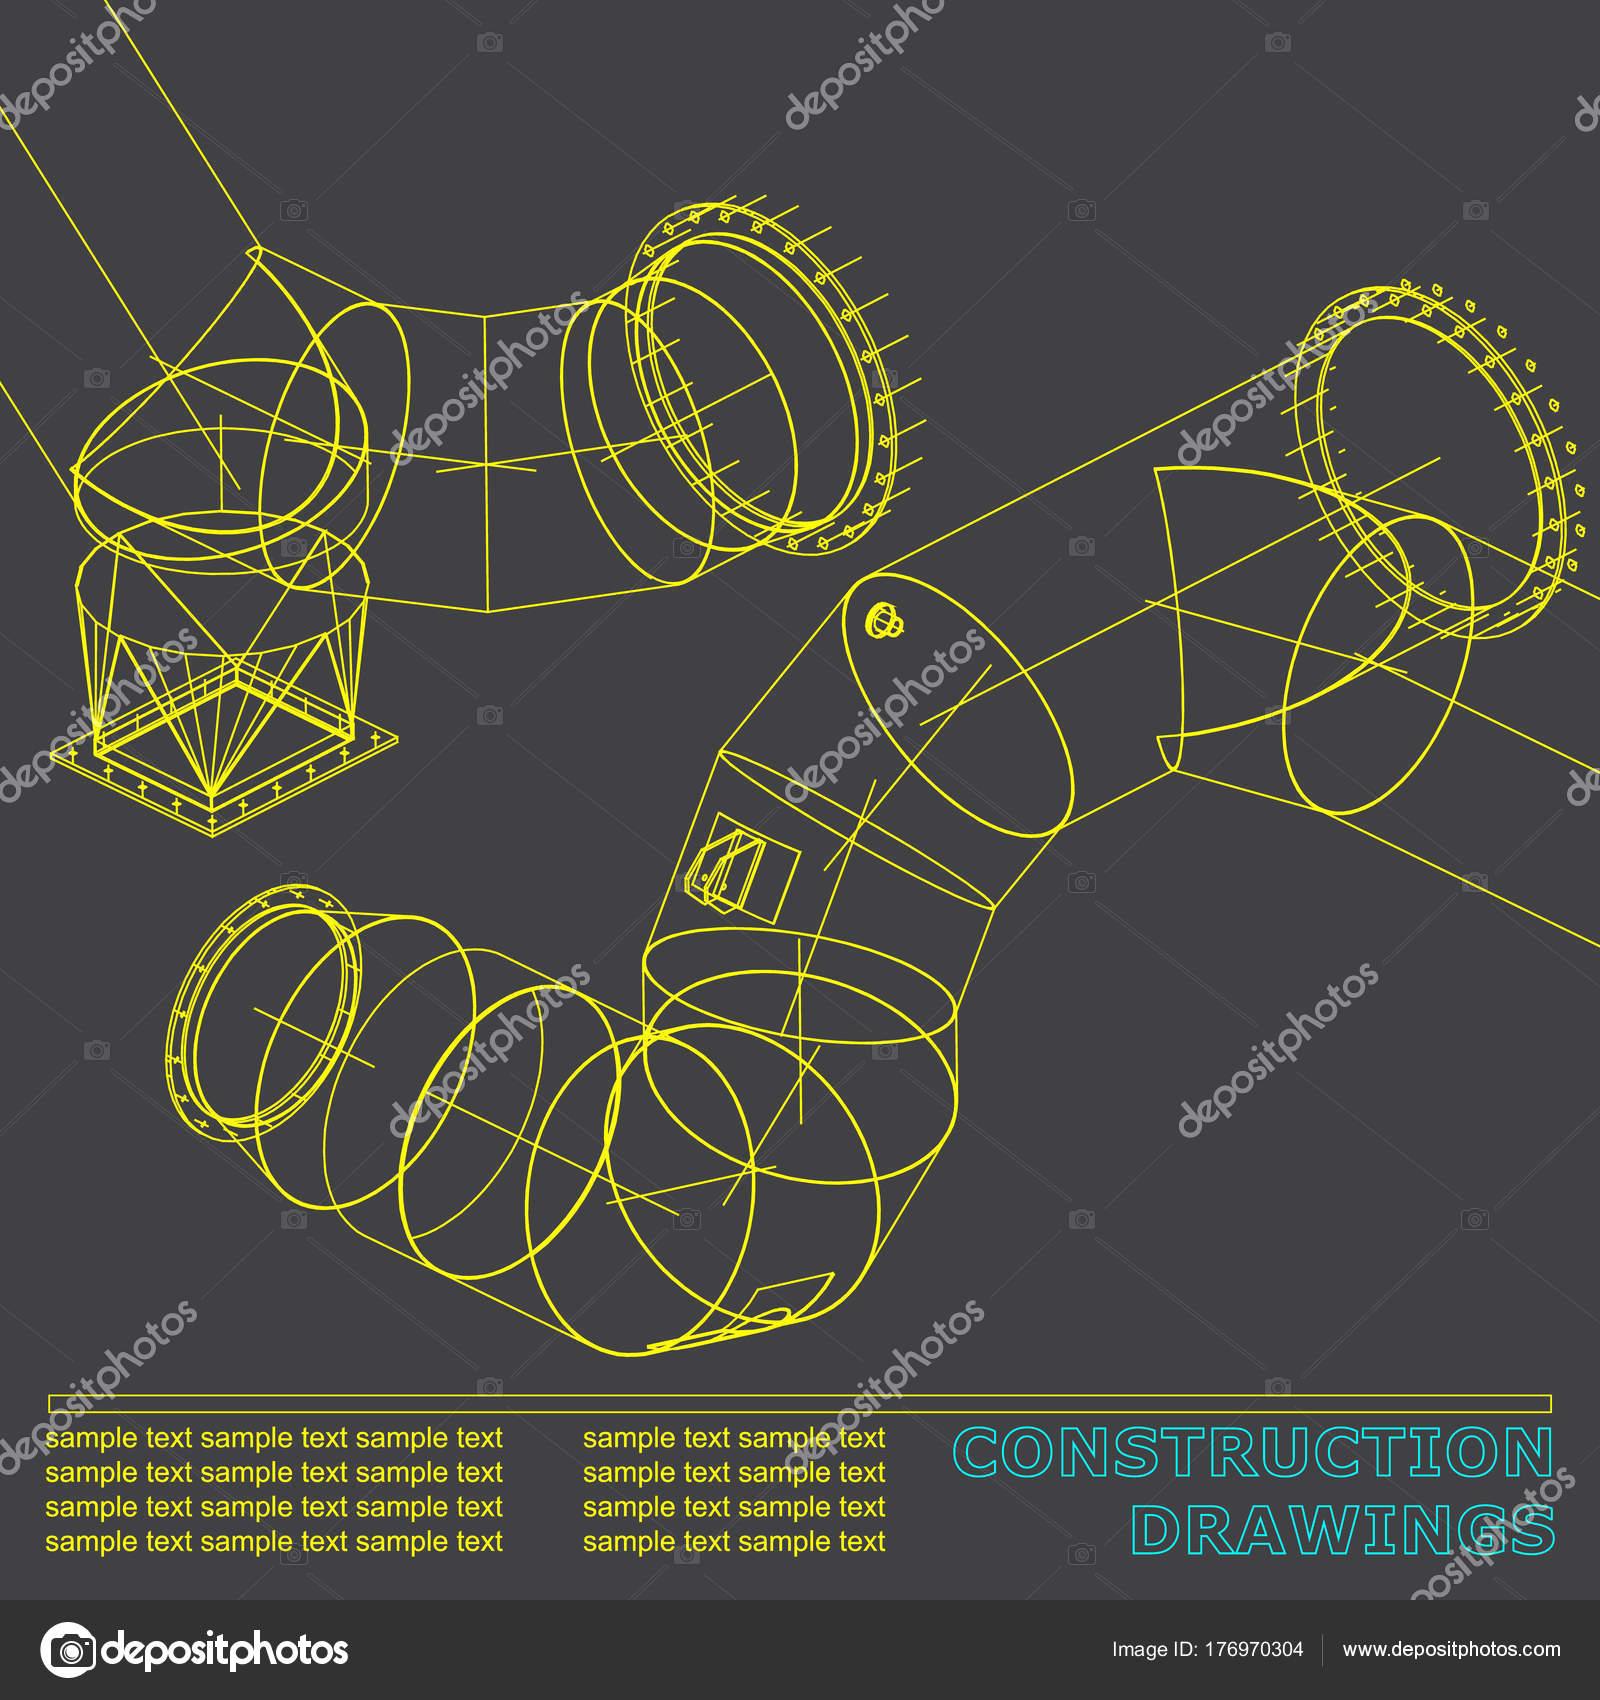 Dibujos estructuras acero tubos tuberas blueprint estructuras acero dibujos estructuras acero tubos tuberas blueprint estructuras acero fondo para vector de stock malvernweather Gallery